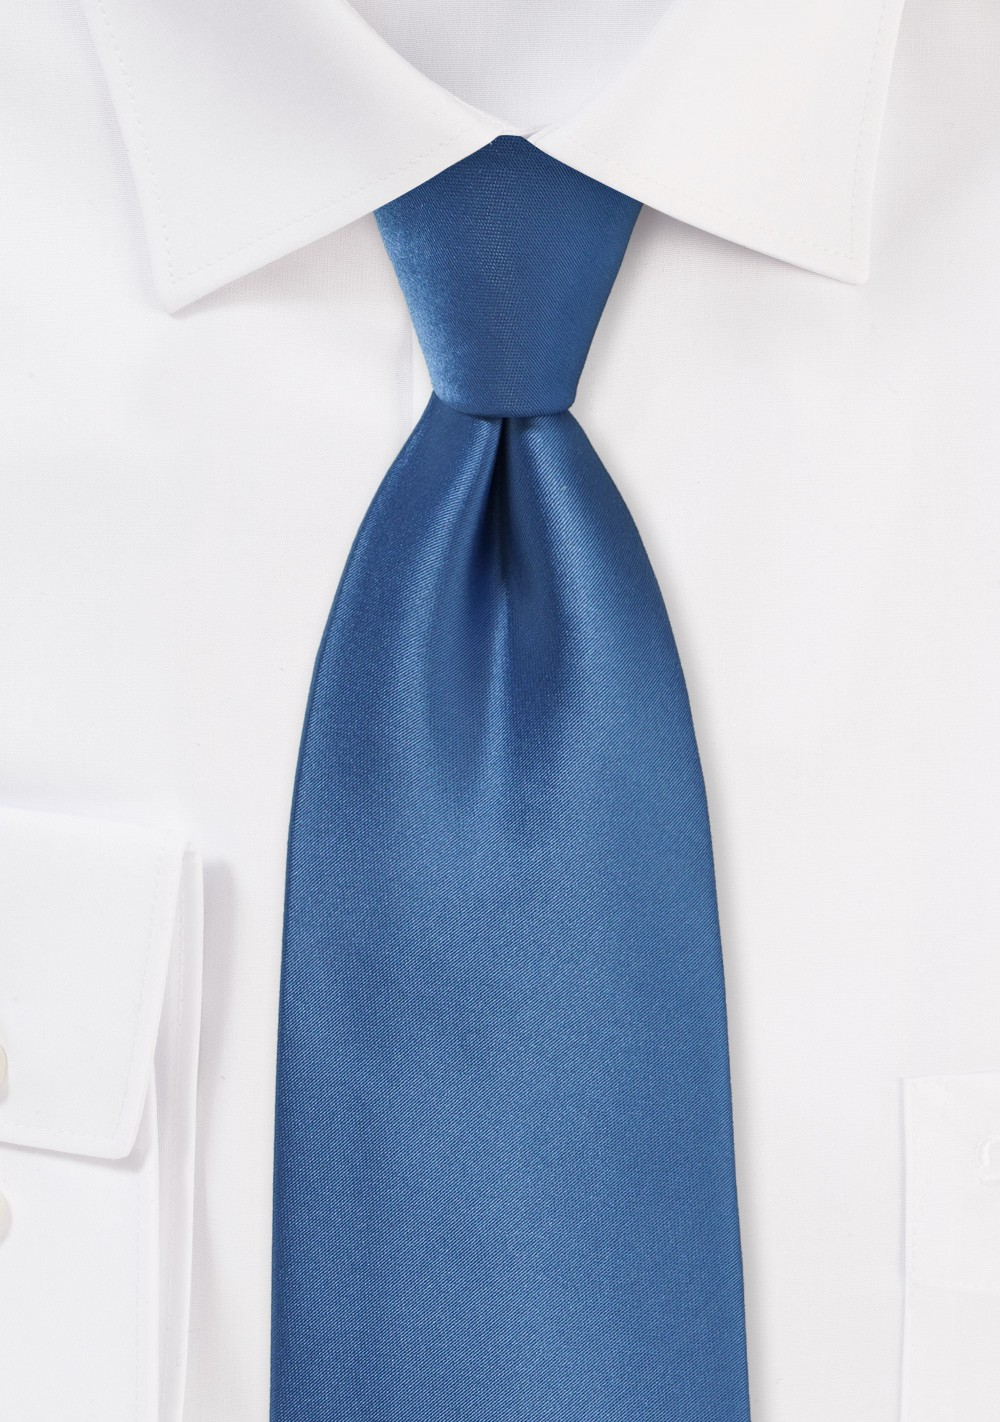 Steel Blue Color Neck Tie